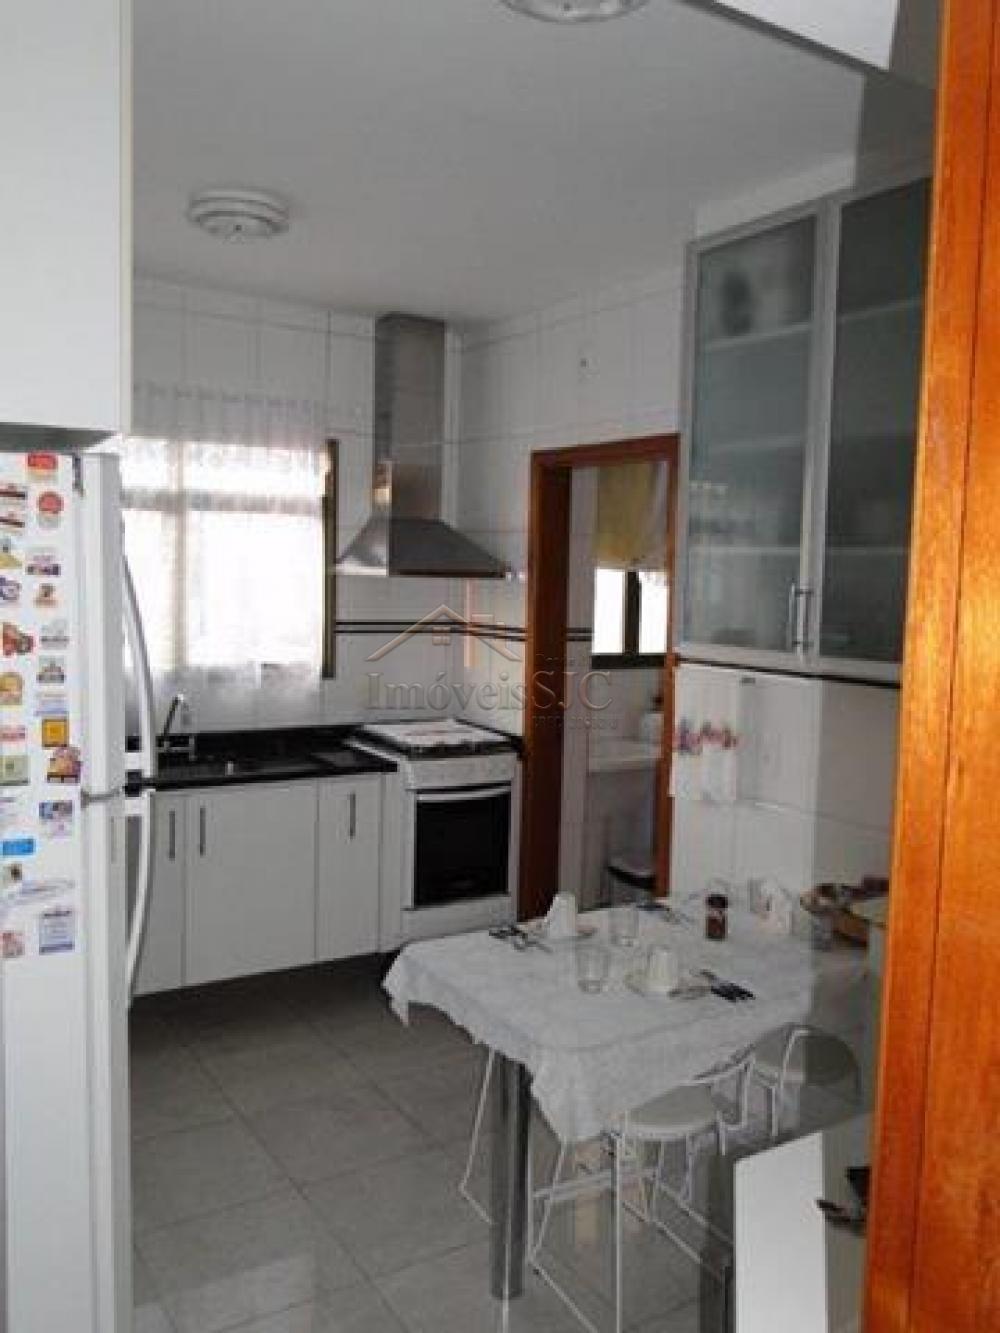 Comprar Apartamentos / Padrão em São José dos Campos apenas R$ 730.000,00 - Foto 4